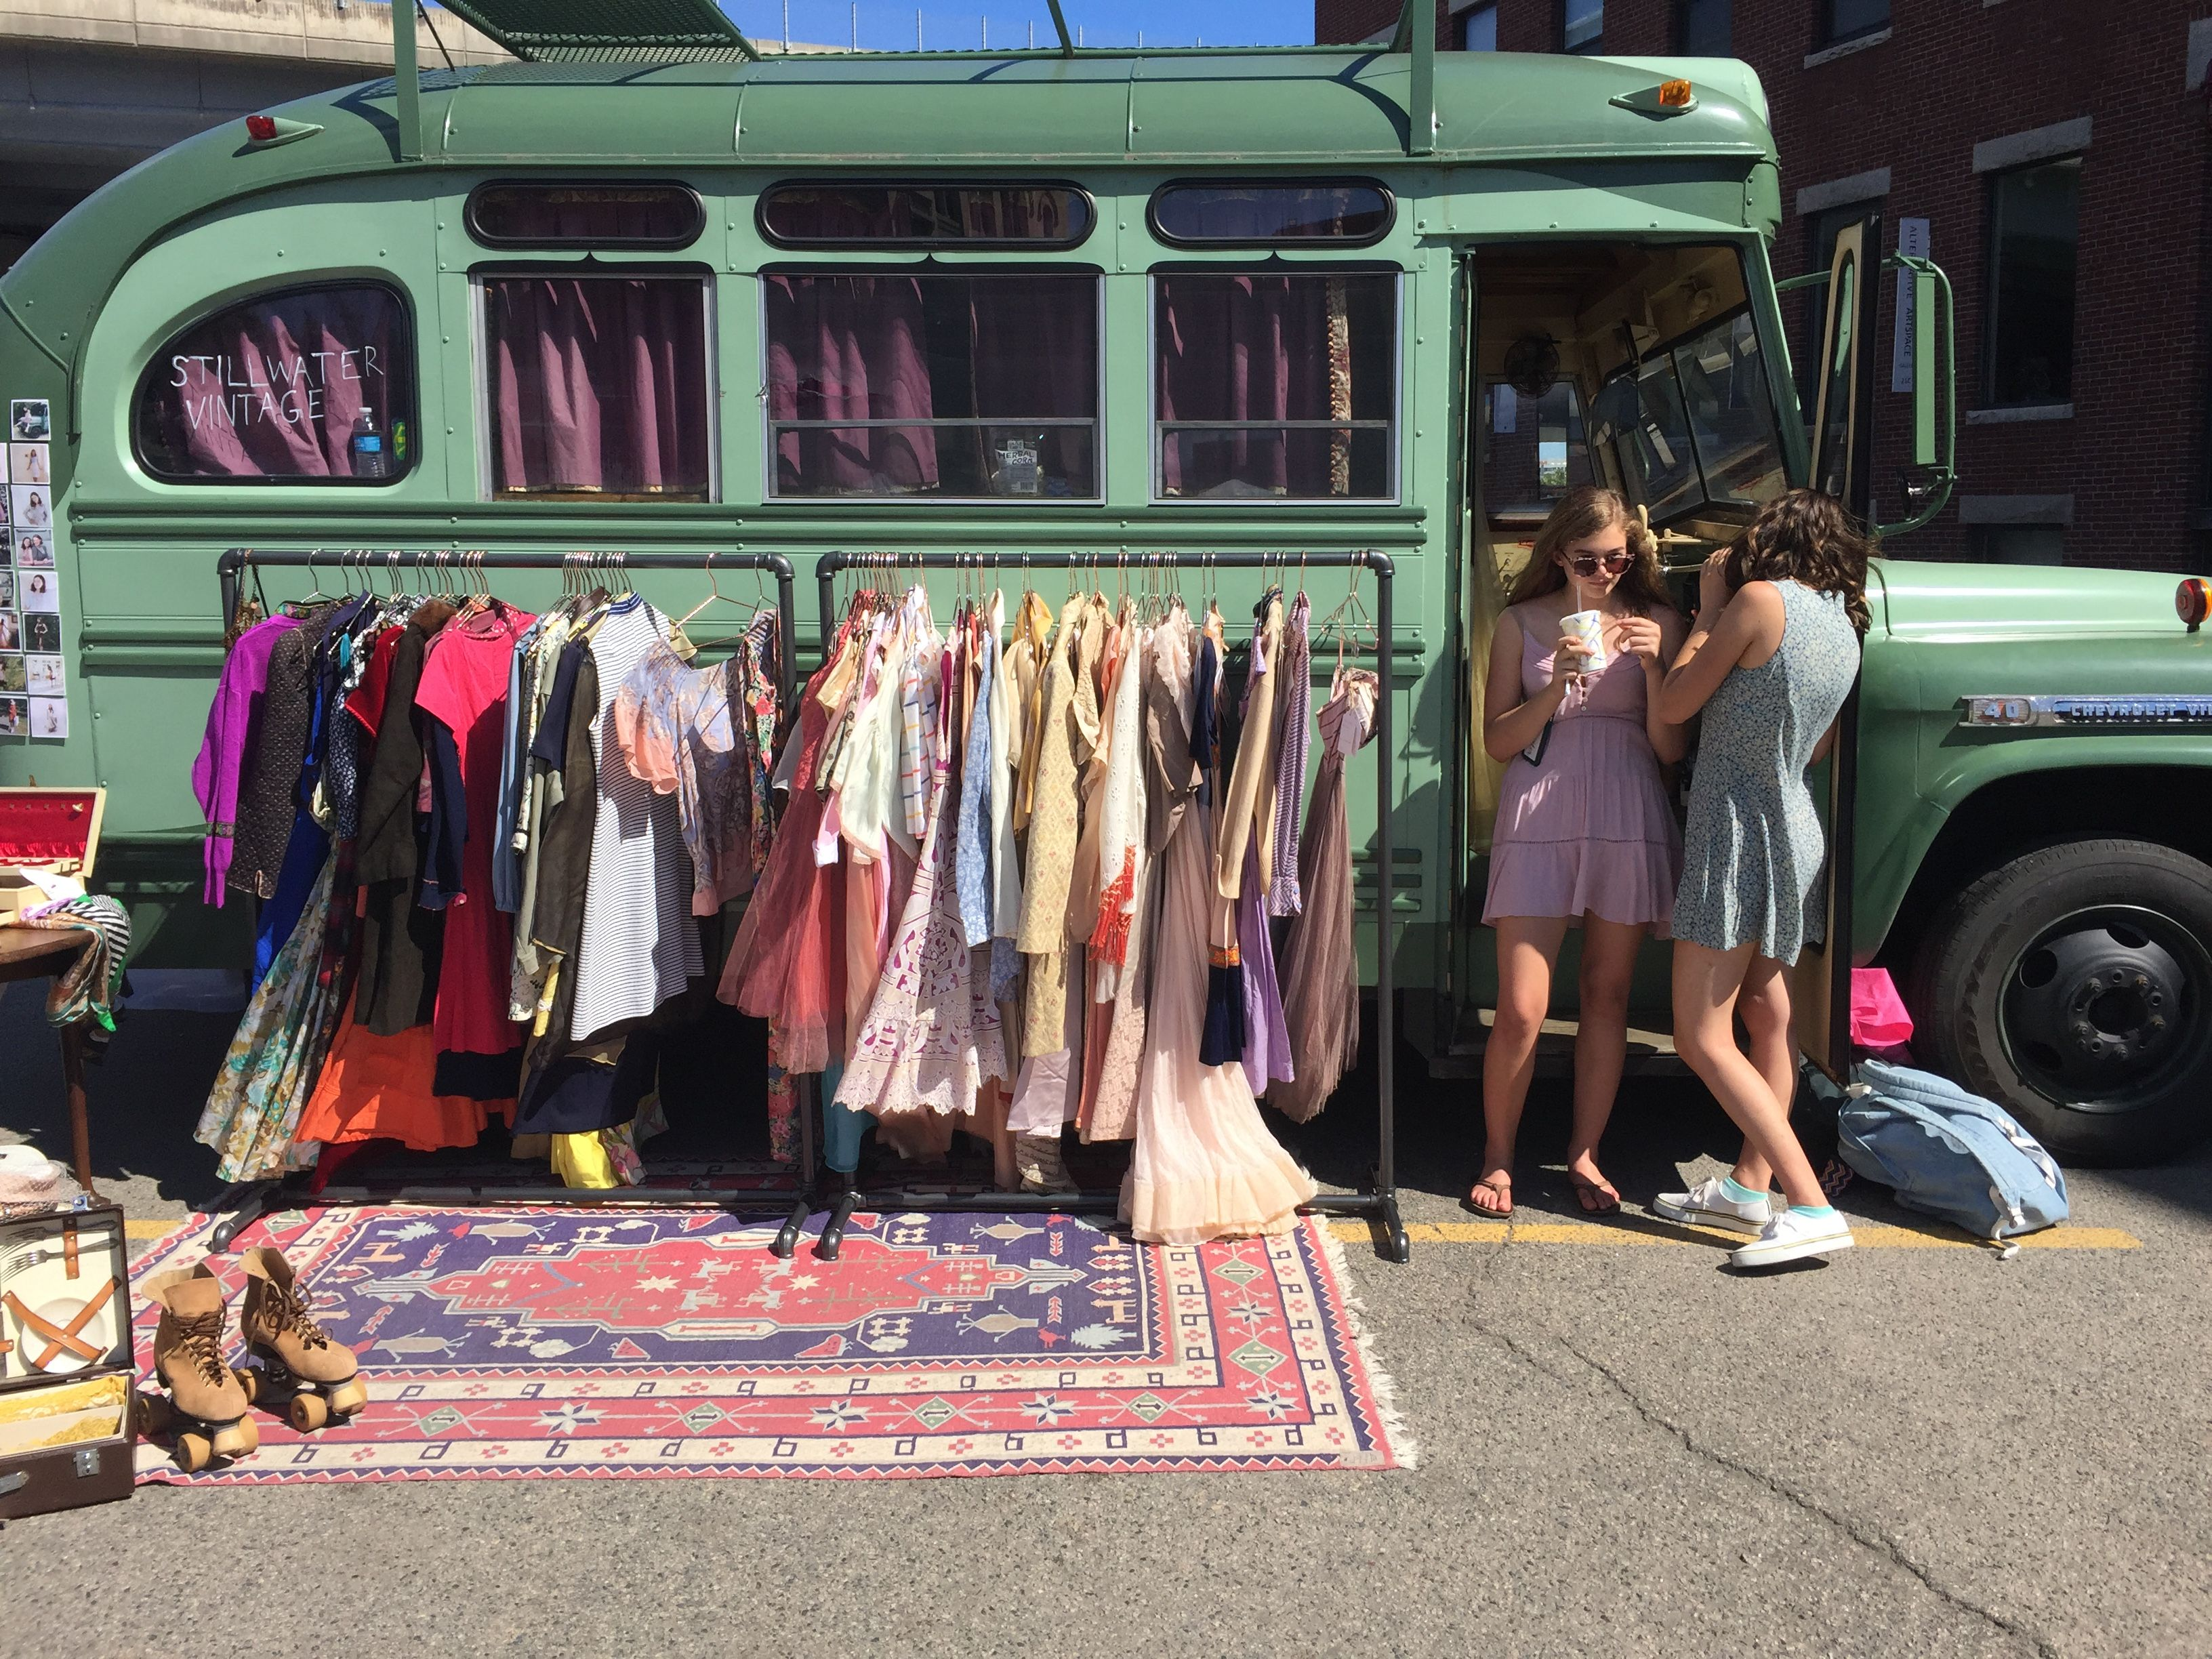 Stillwater Vintage Bus Fashion Truck Pop Up Shops Vintage Market